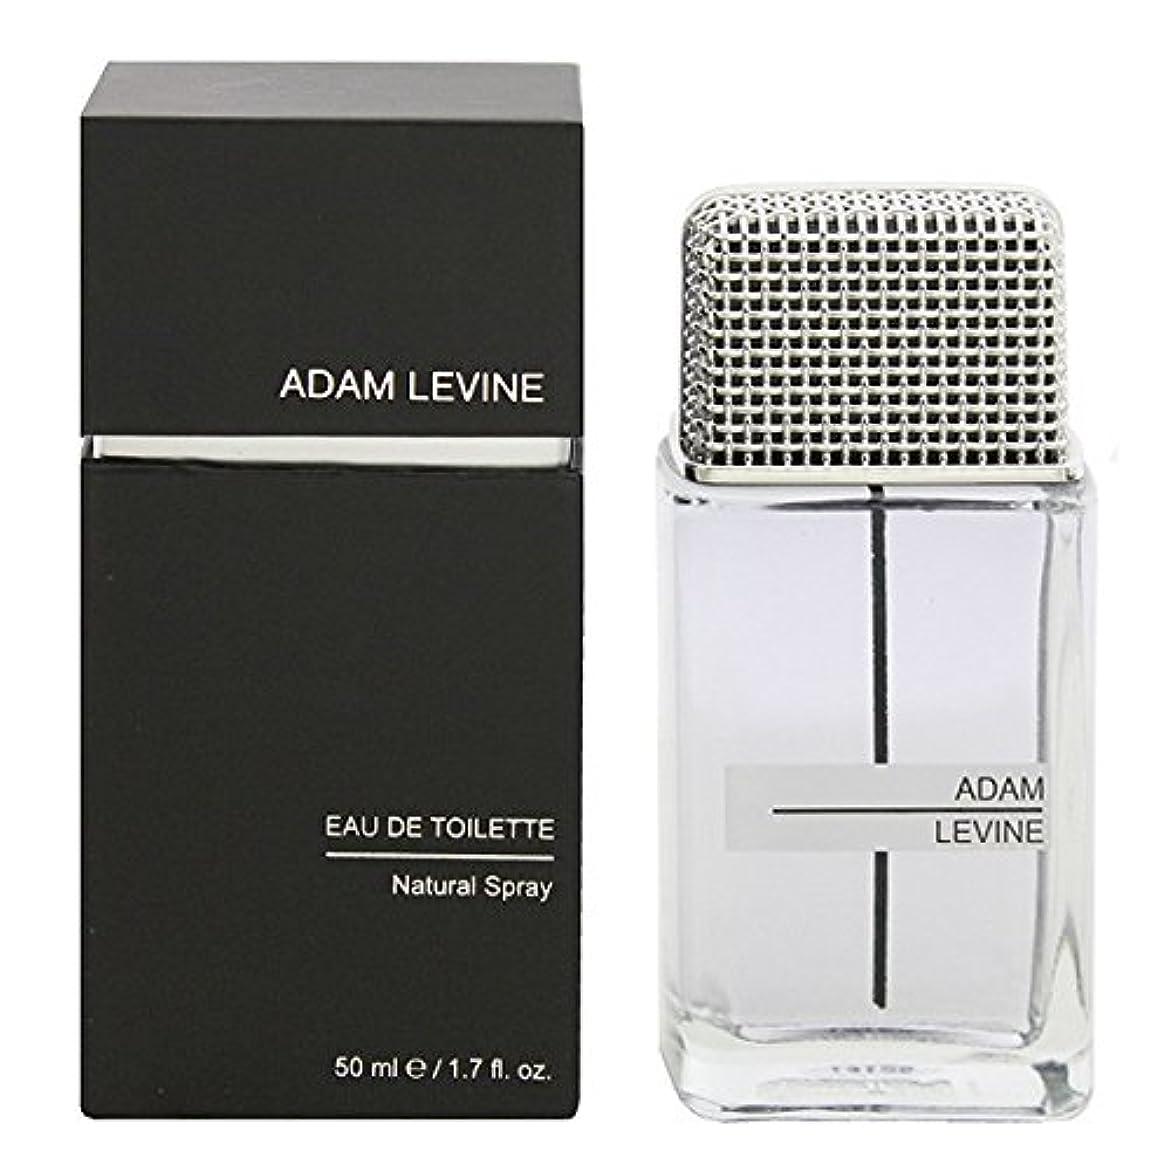 リル換気海上Adam Levine (アダム レヴィーン) 1.7 oz (50ml) EDT Spray for Men